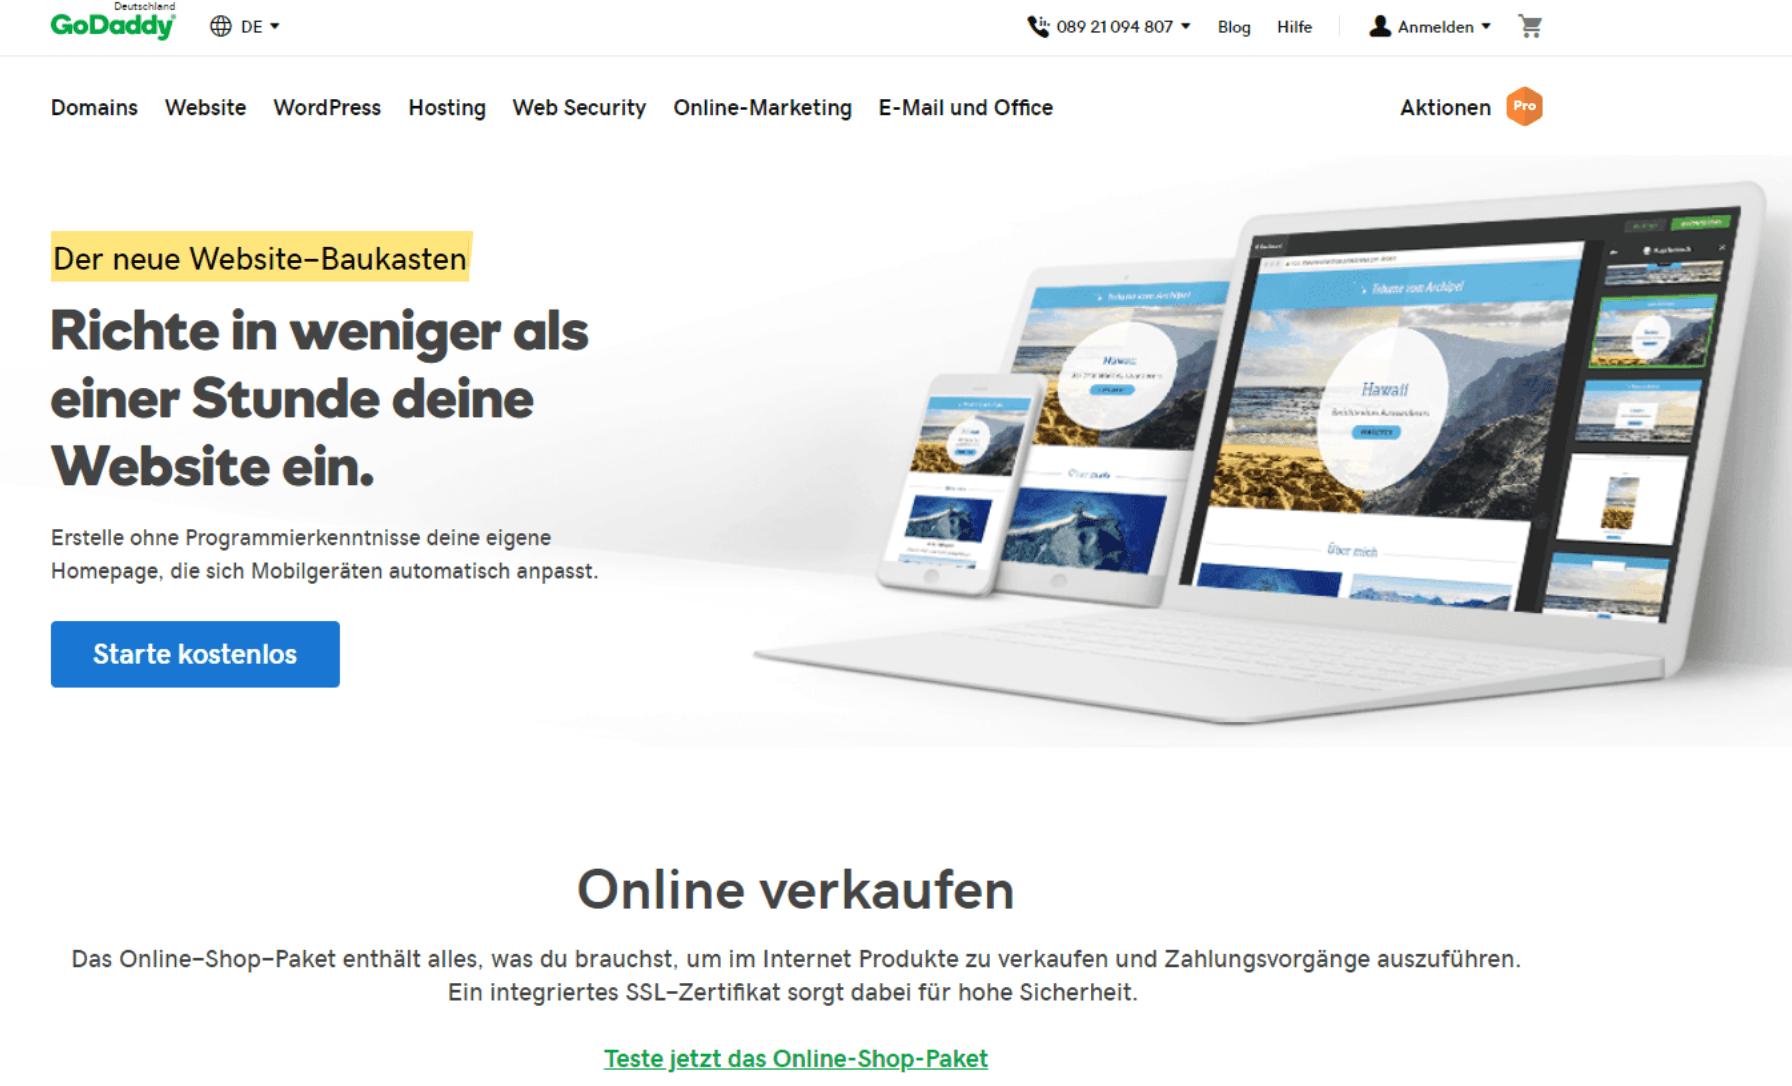 Kostenlose Website erstellen mit GoDaddy - Anleitung Schritt 1